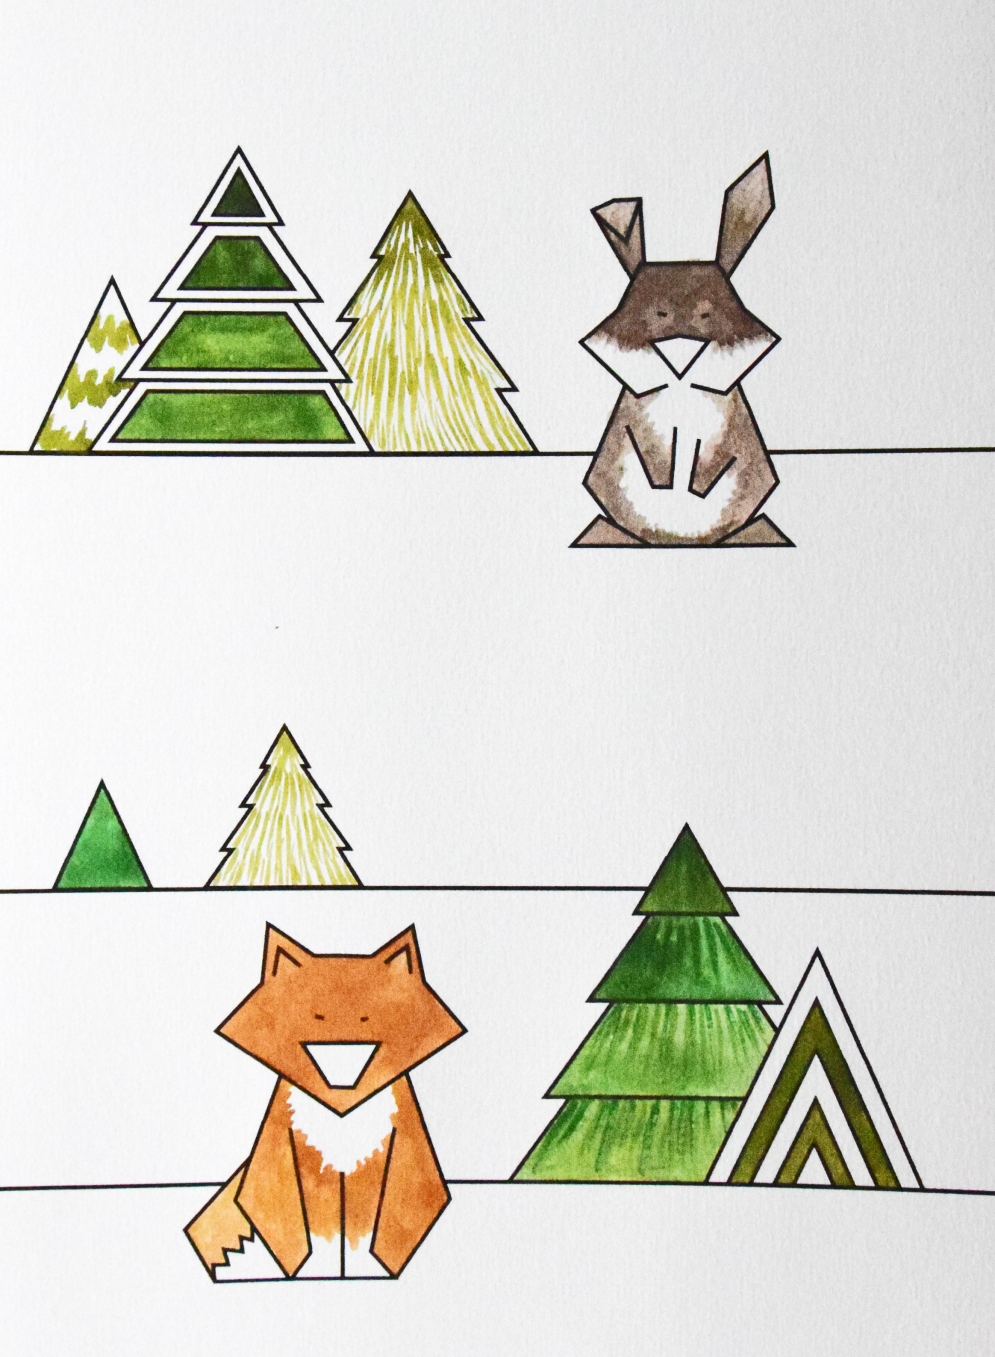 konijn-en-vos